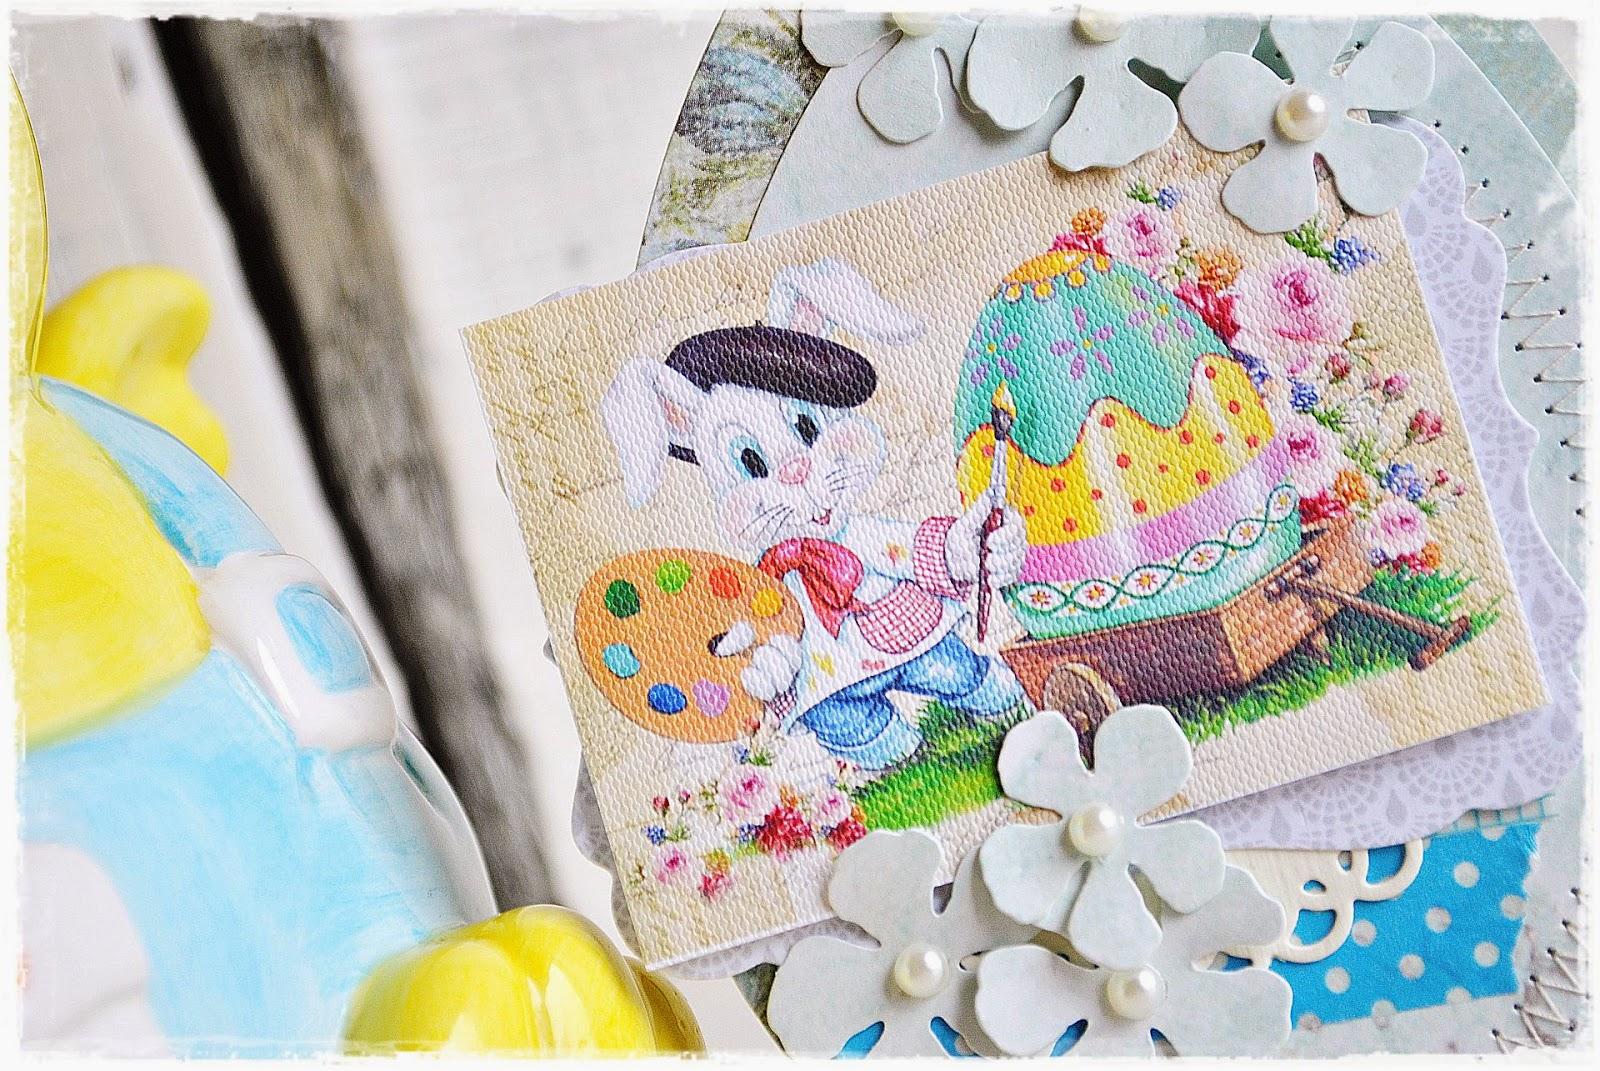 kartka w kształcie jajka scrapbooking